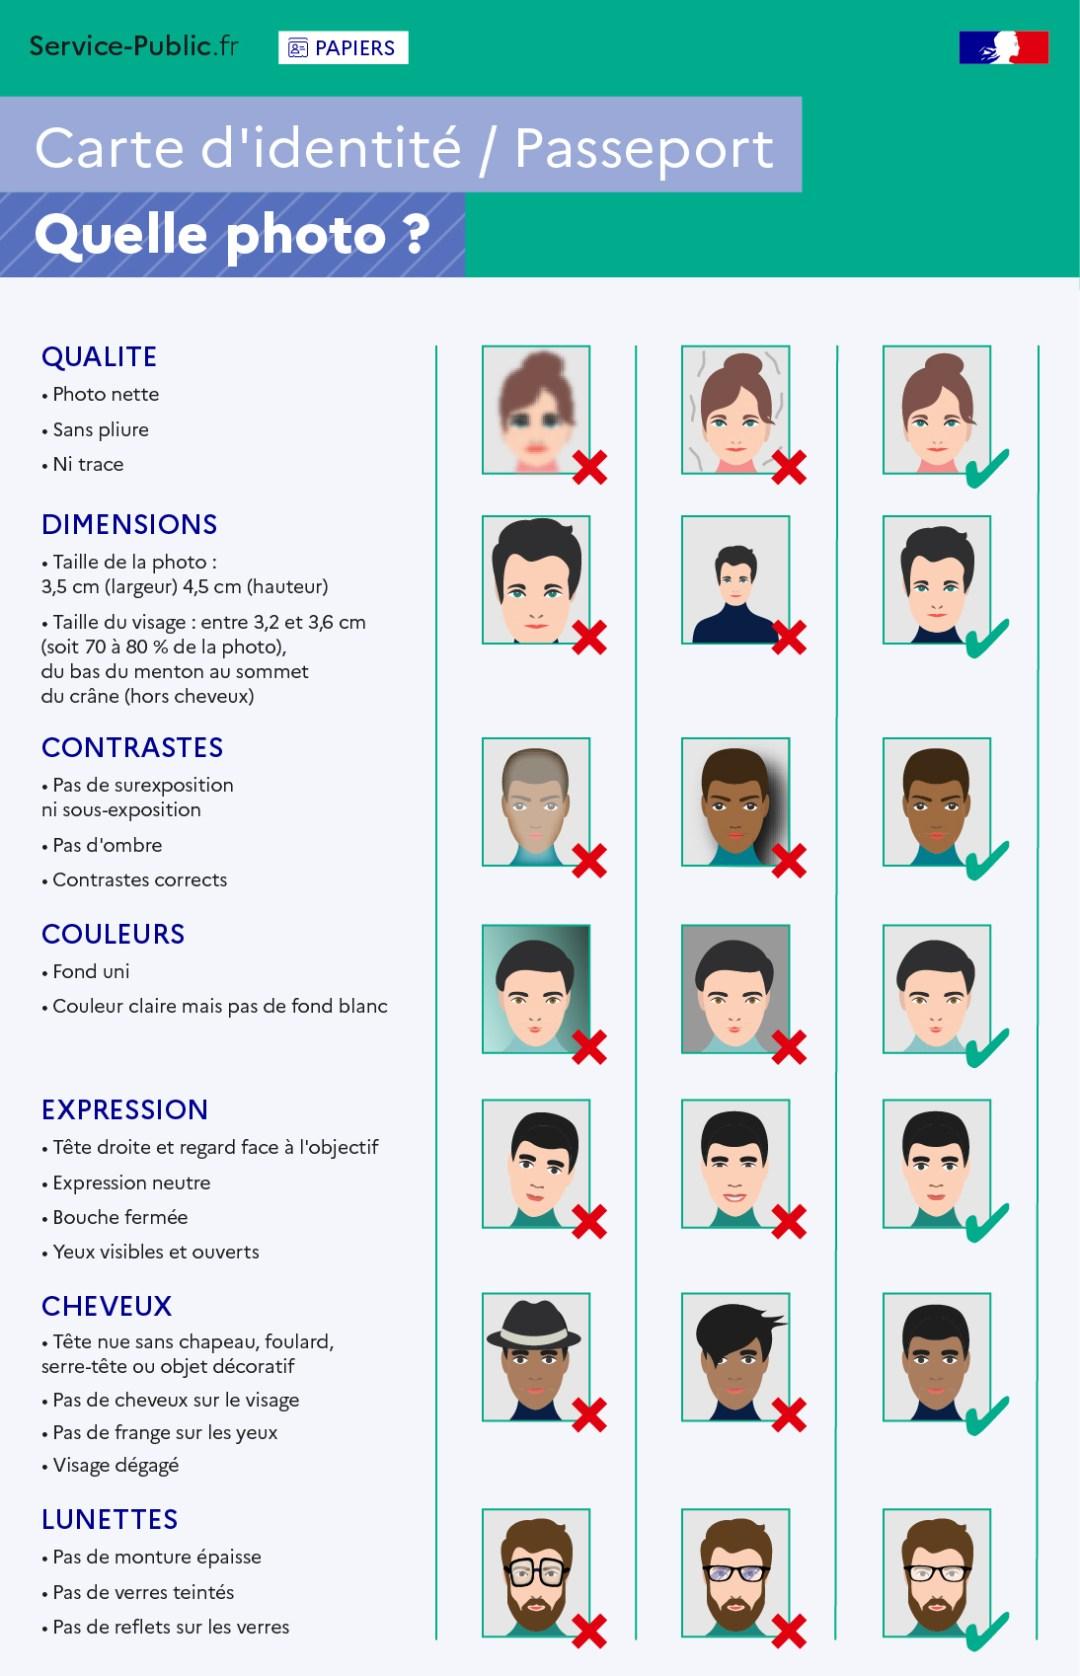 Exemples de photos acceptées ou refusées